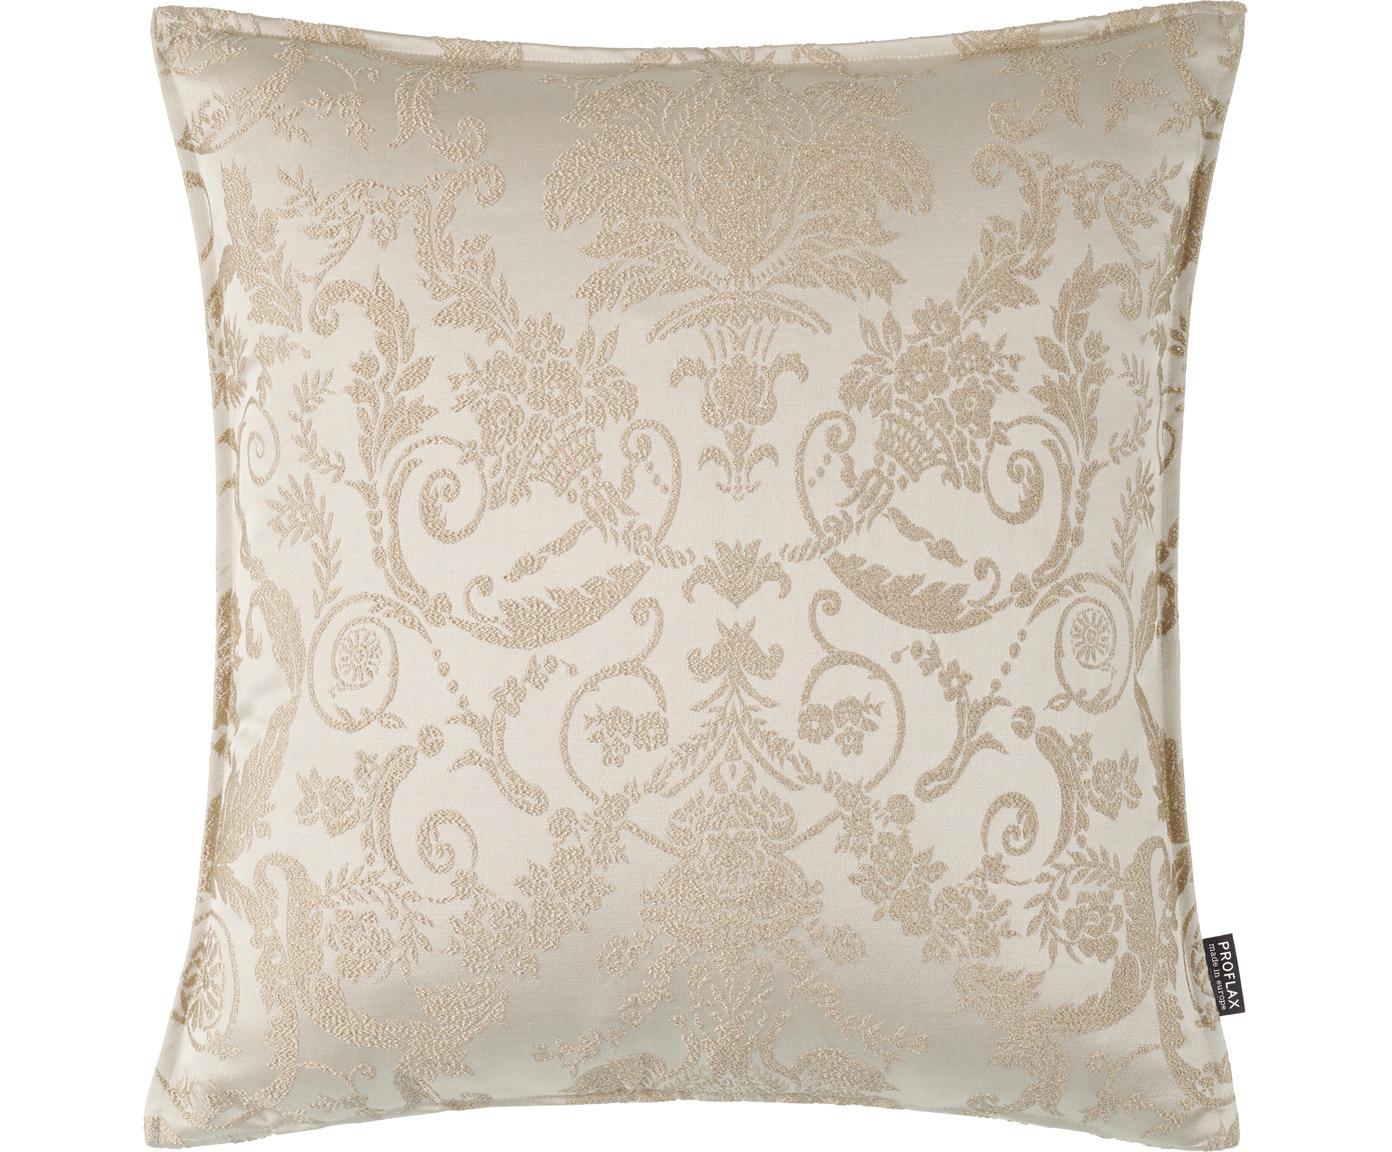 Kussenhoes Astoria, 75% polyester, 25% katoen, Beige, 40 x 40 cm